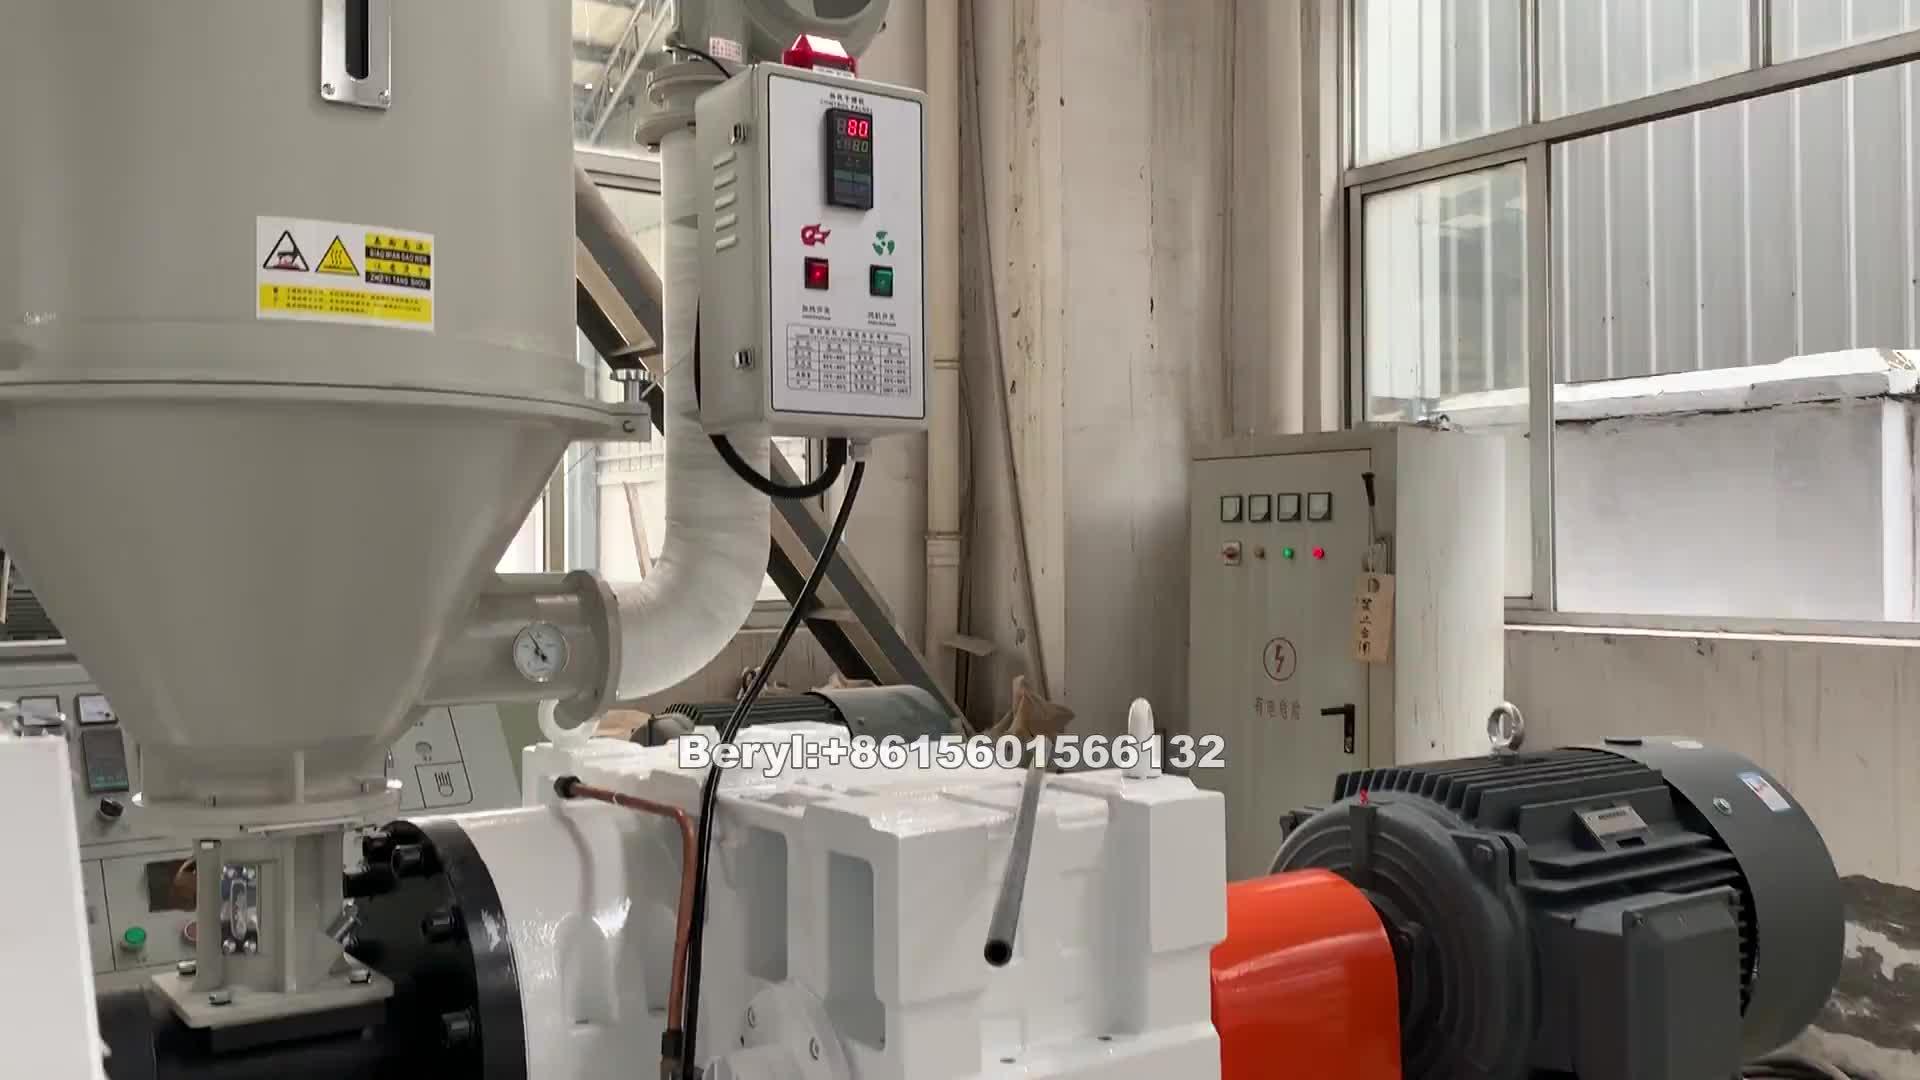 Bán trực tiếp nhà máy liệu polypropylene ppr ống đùn